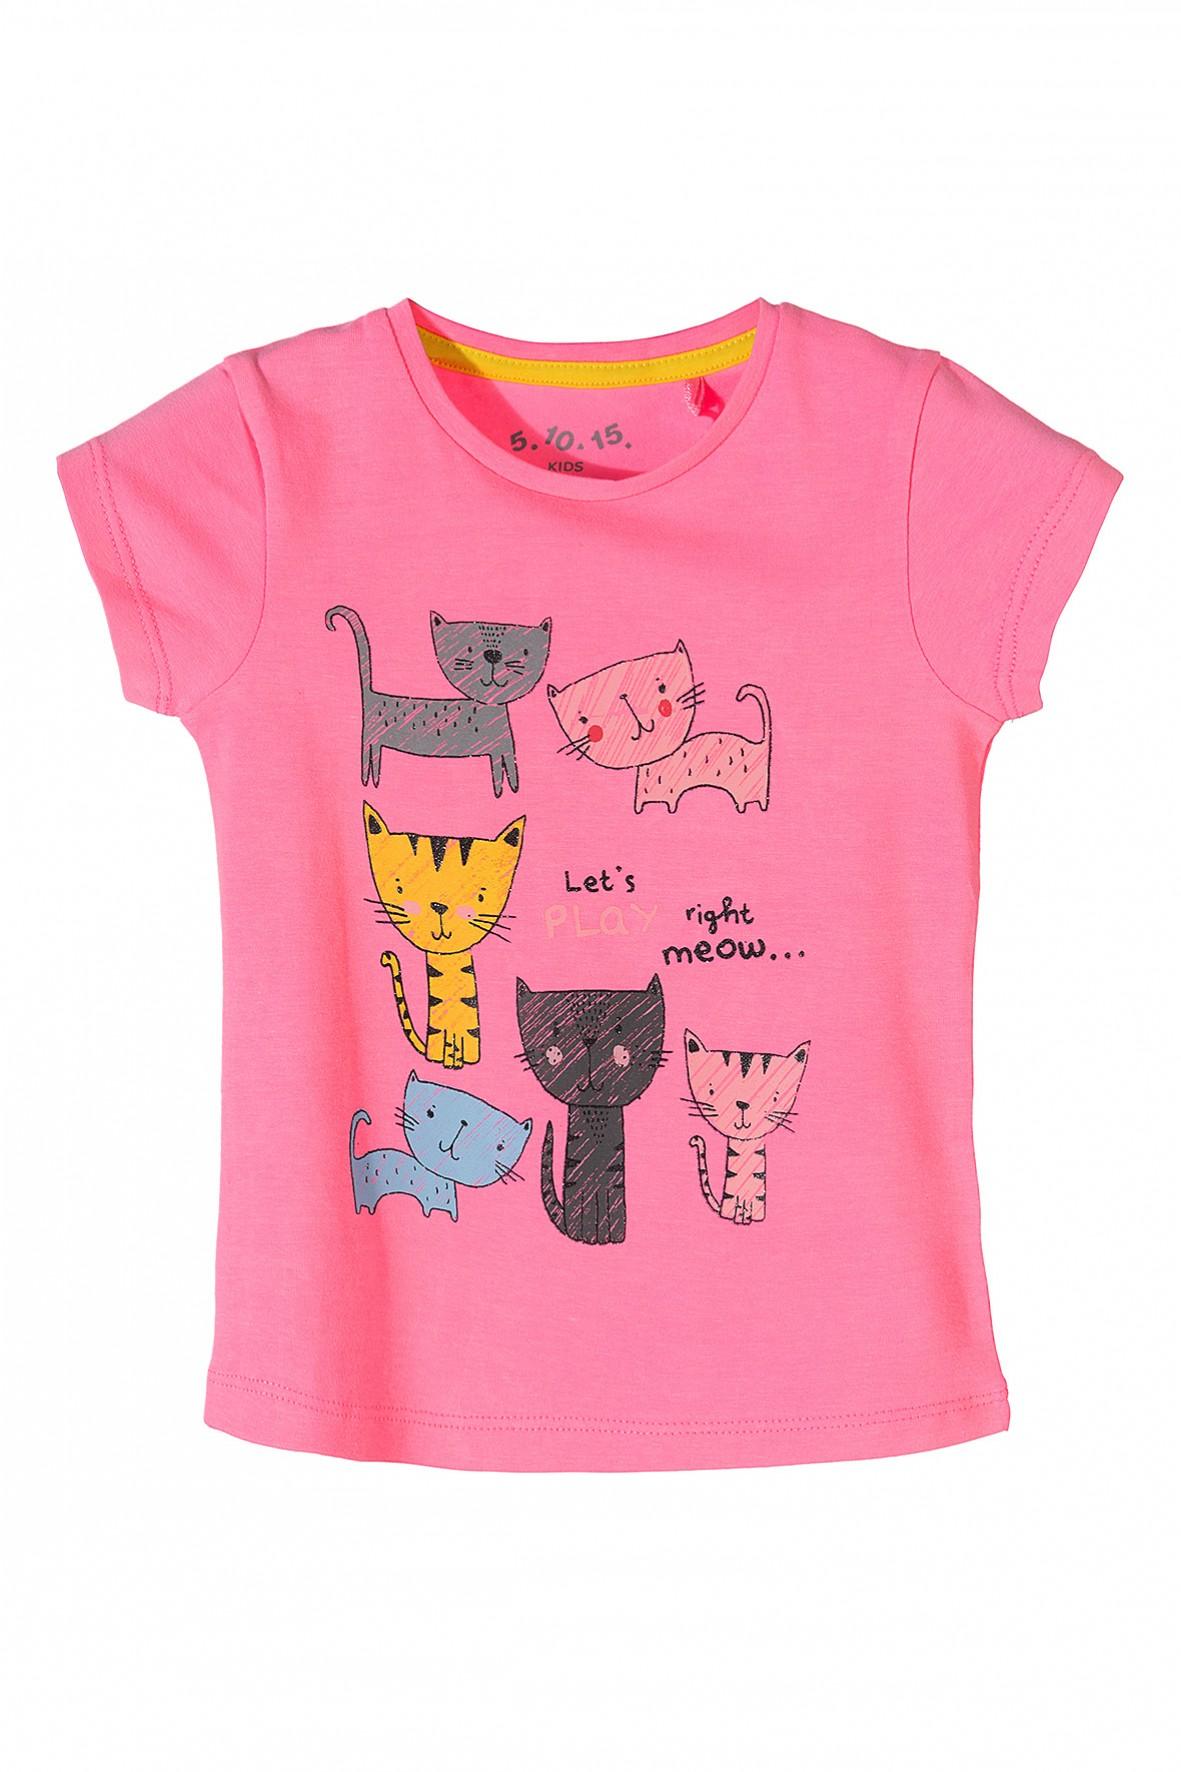 369c980b29 Różowa bluzka z krótkim rękawem dla dziewczynki w wieku ...